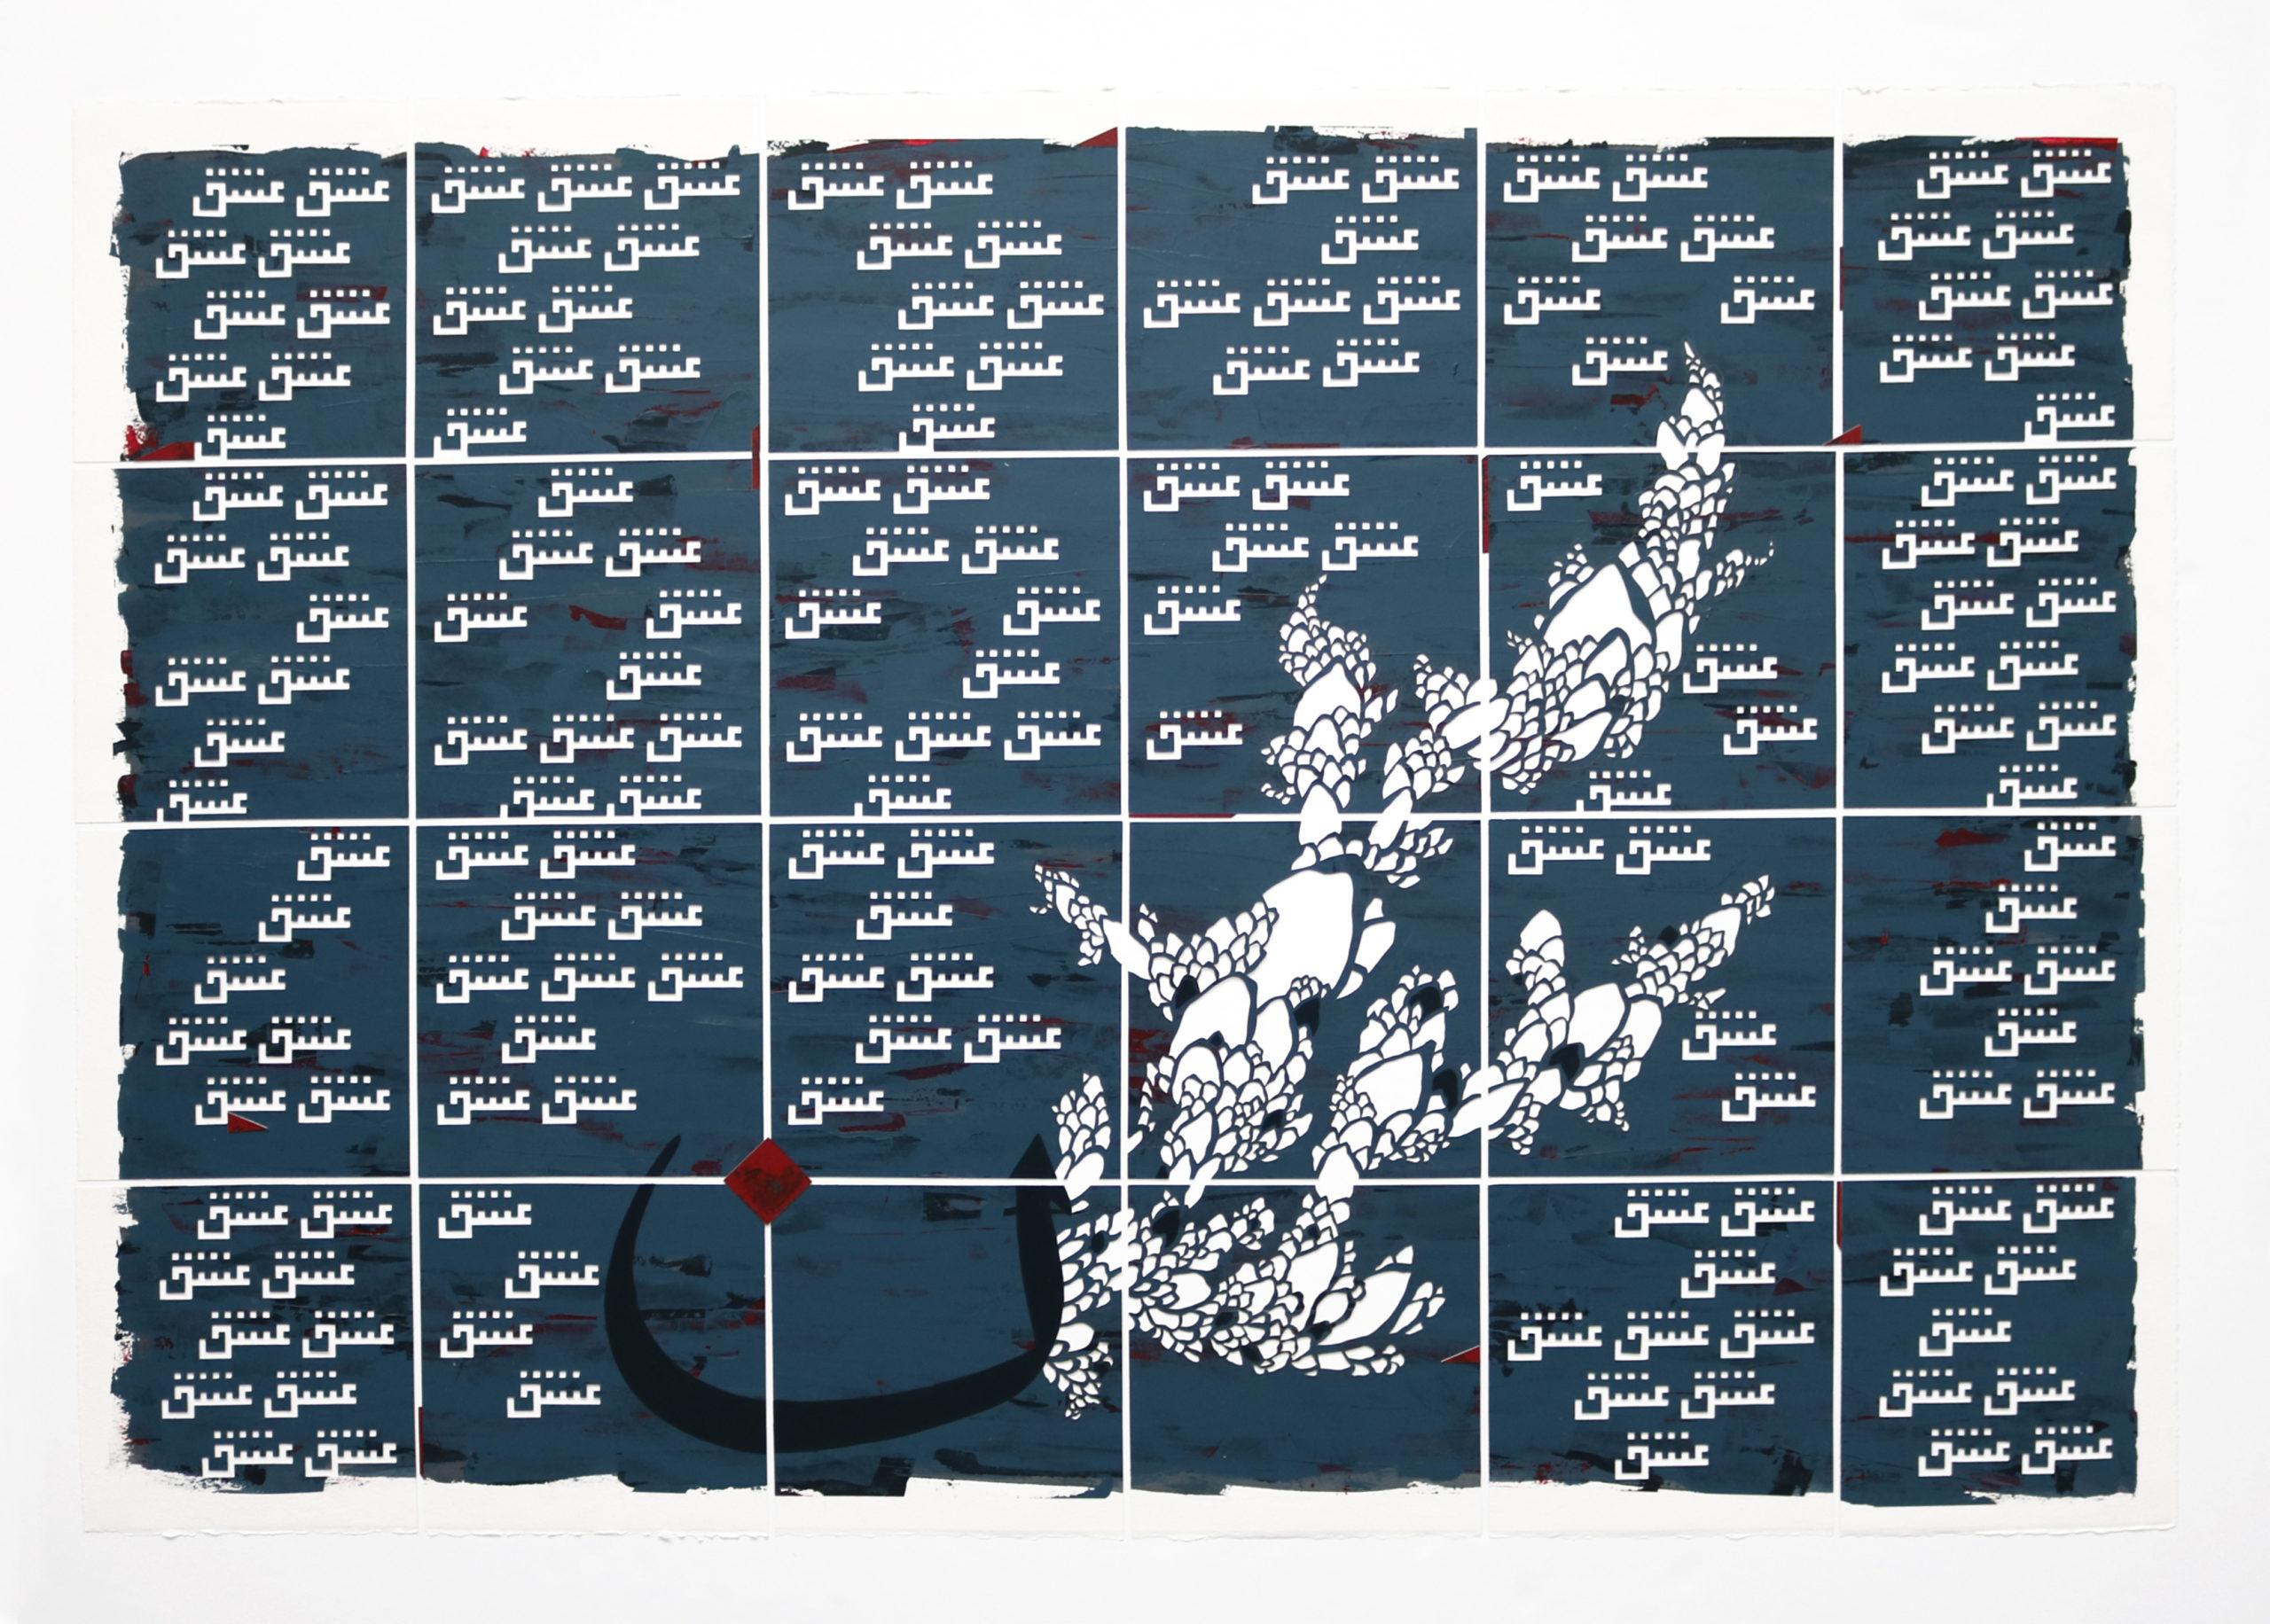 ADVOCARTSY-Iranian-Contemporary-Artist-Shilla-Shakoori